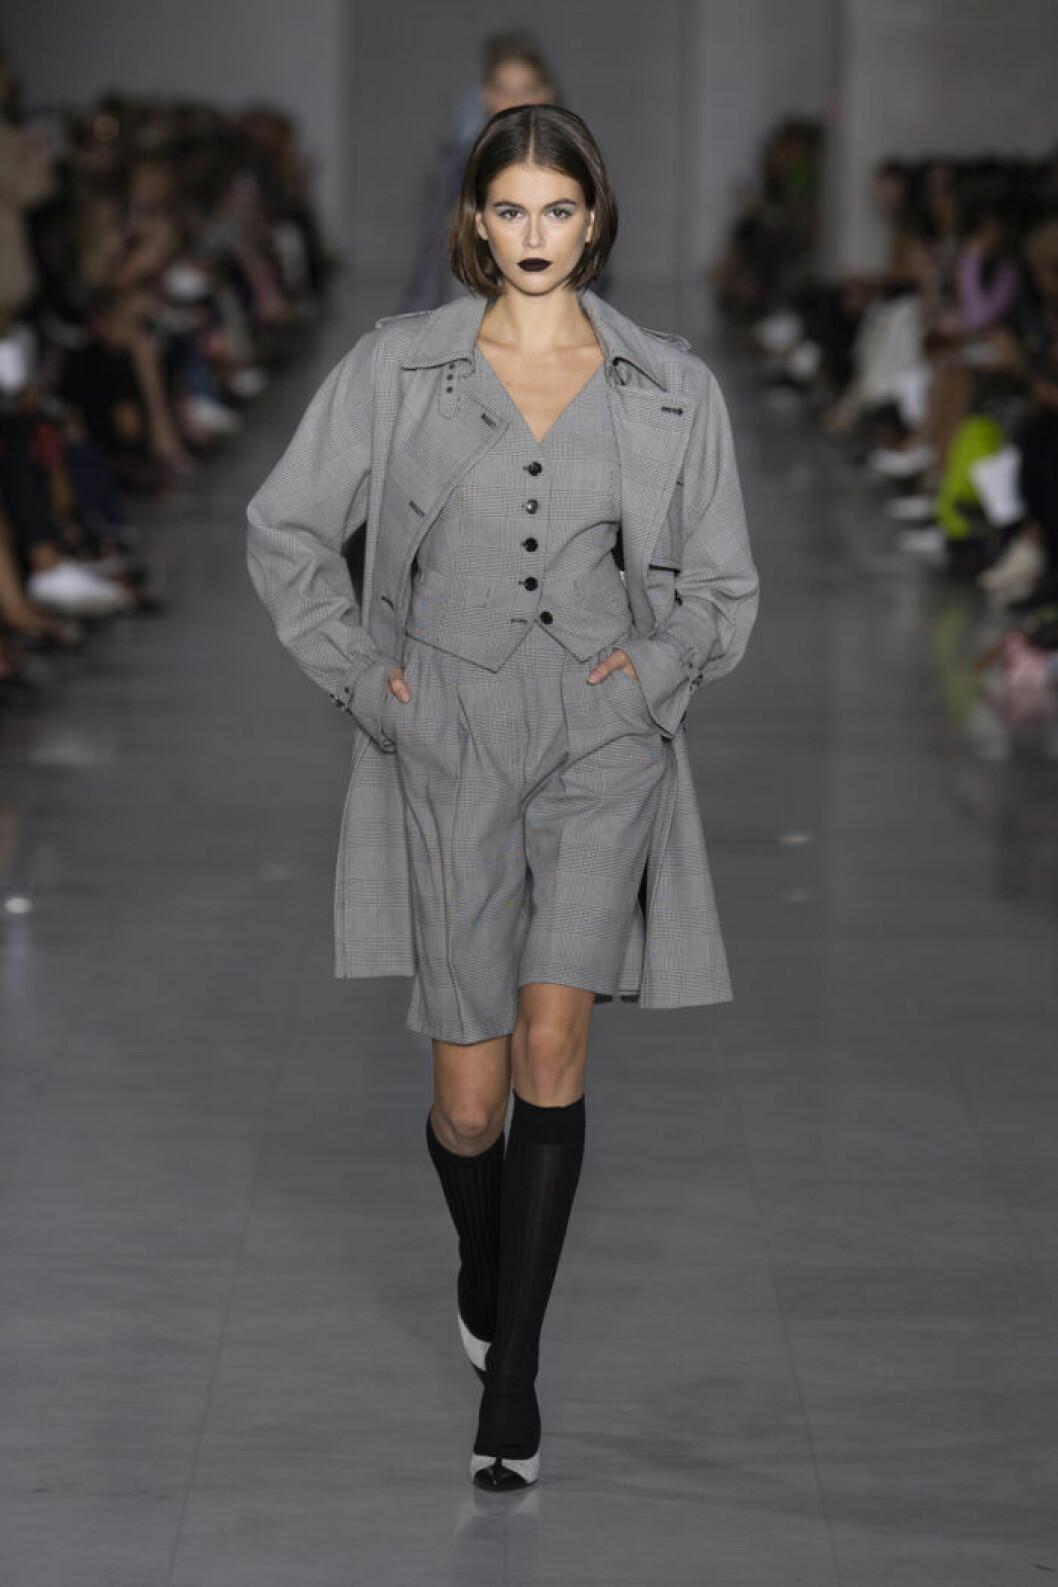 Trender våren 2020 Maxmara grå cityshorts på modellen Kaia Gerber